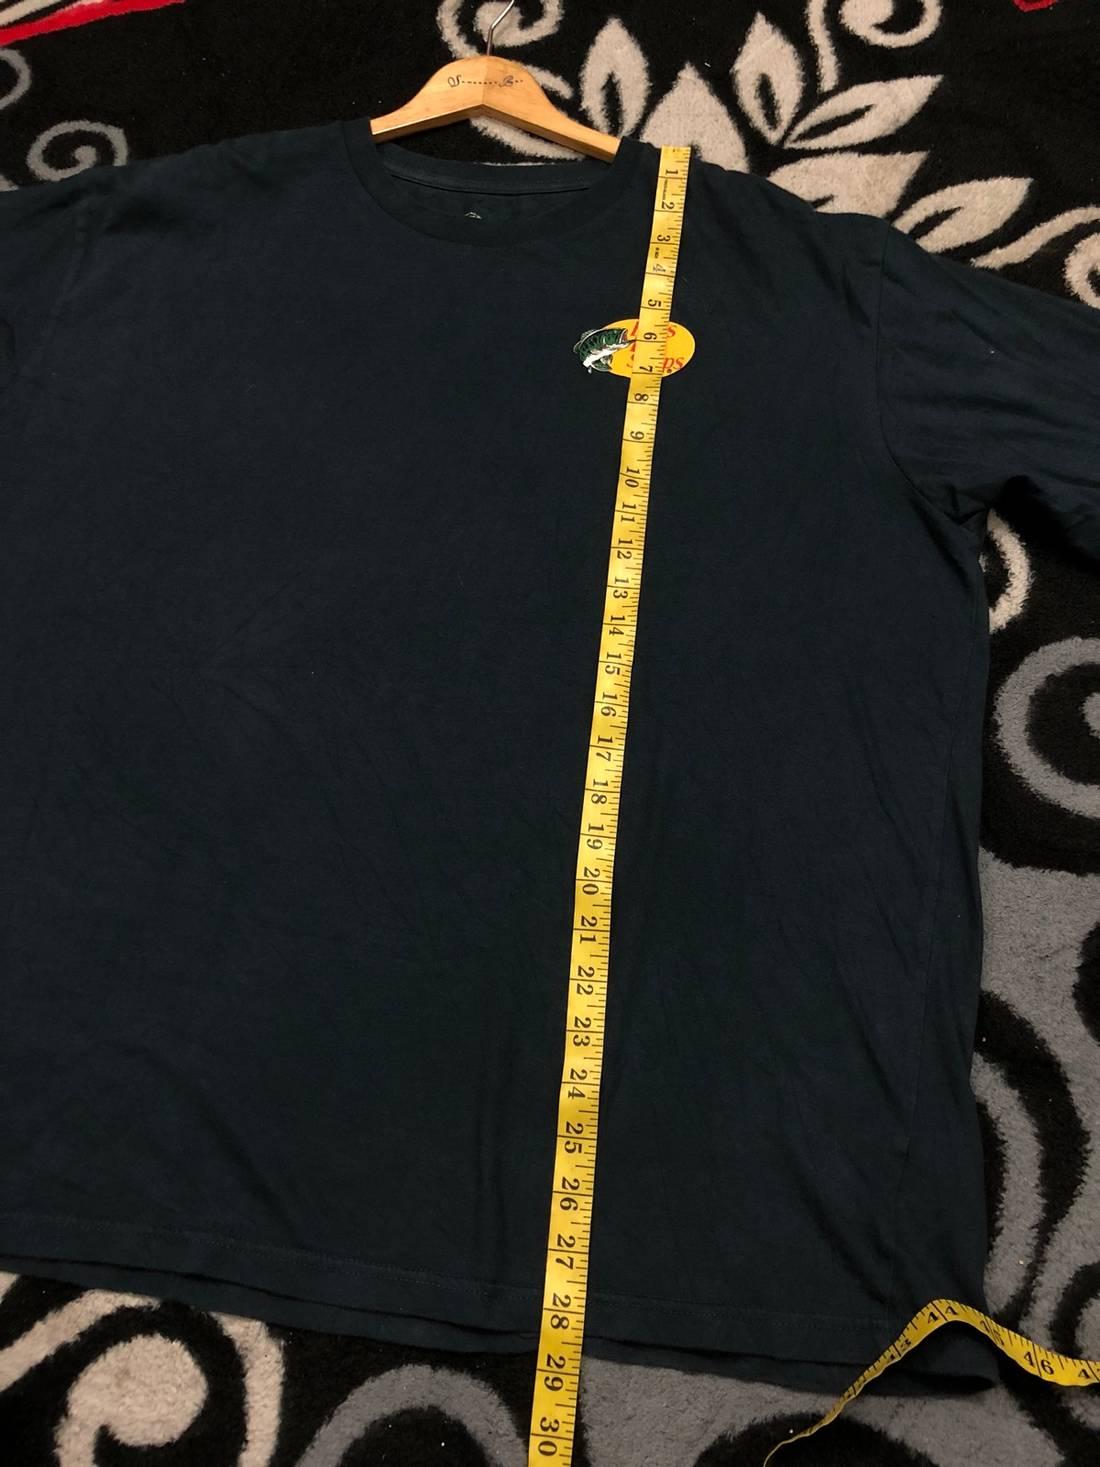 Bass Pro Shops Bass Pro Shops Shirt Free Shipping Size Xl Short